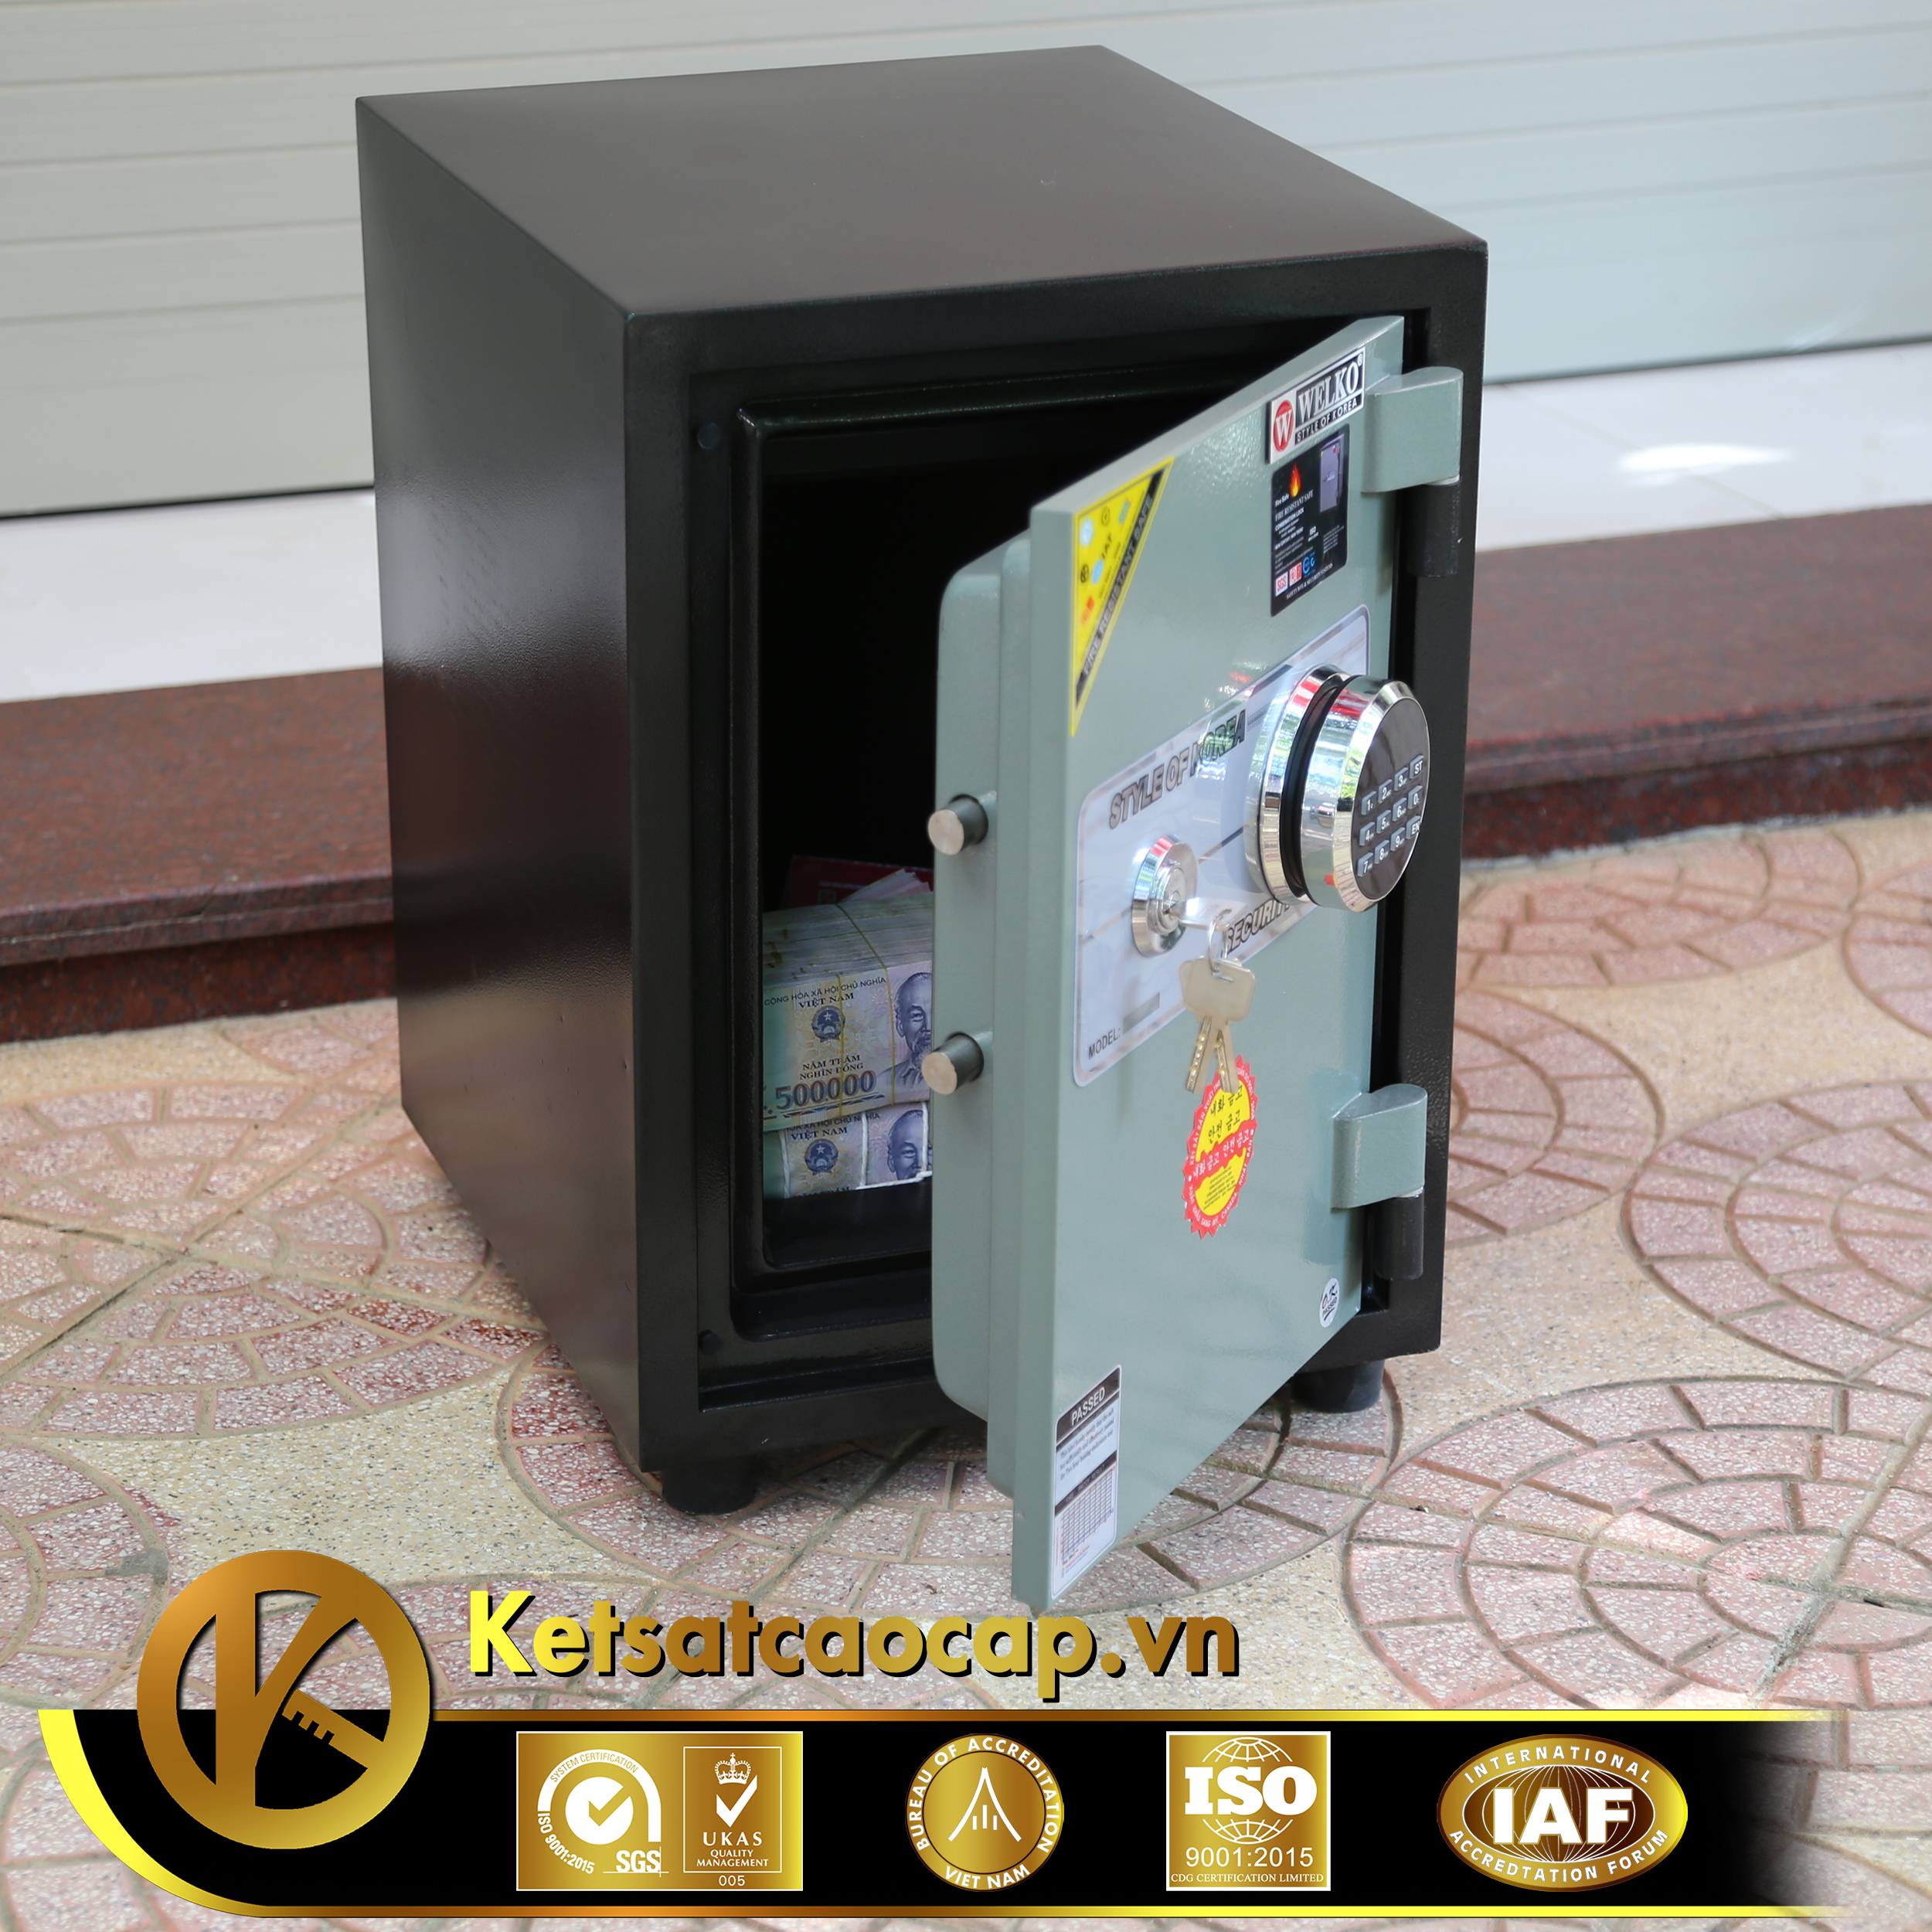 Két sắt văn phòng KS80DB-Series E Korea